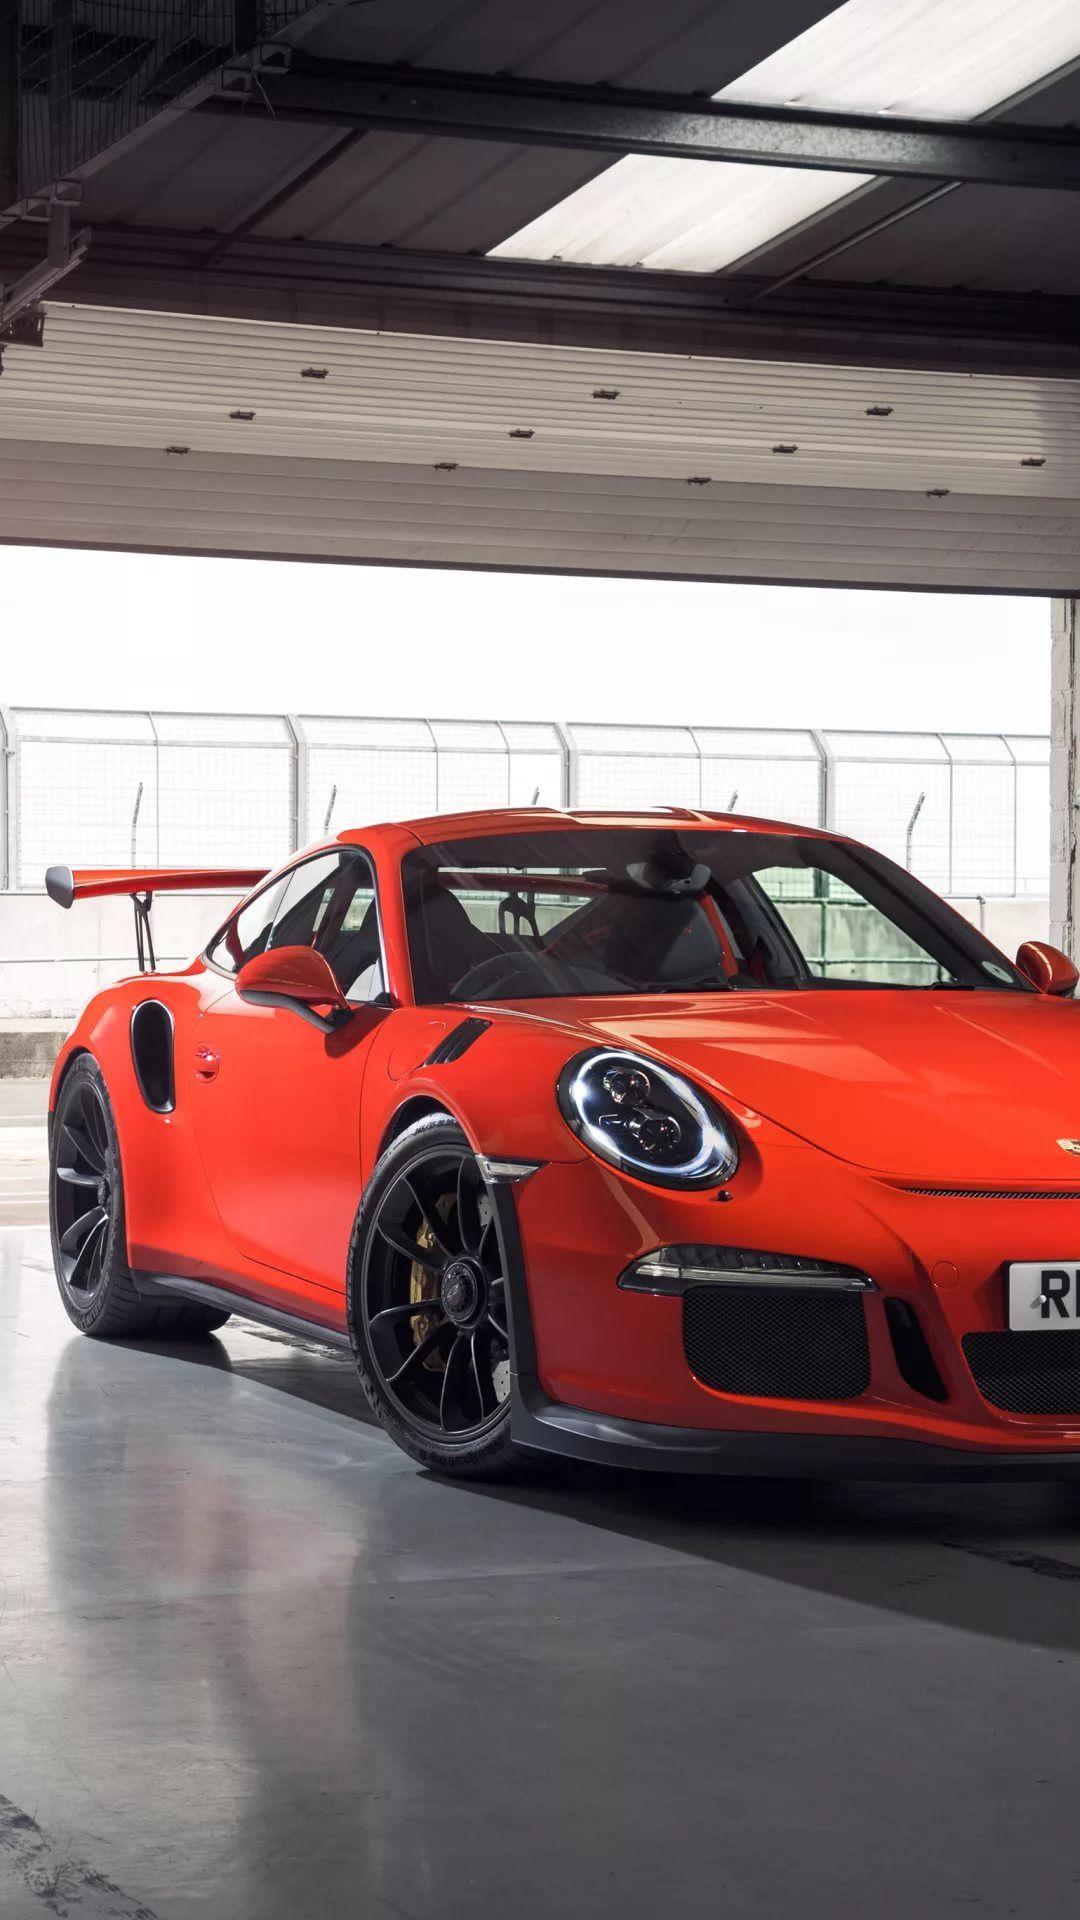 15 Porsche Gt3 Rs Iphone Wallpapers Wallpaperboat